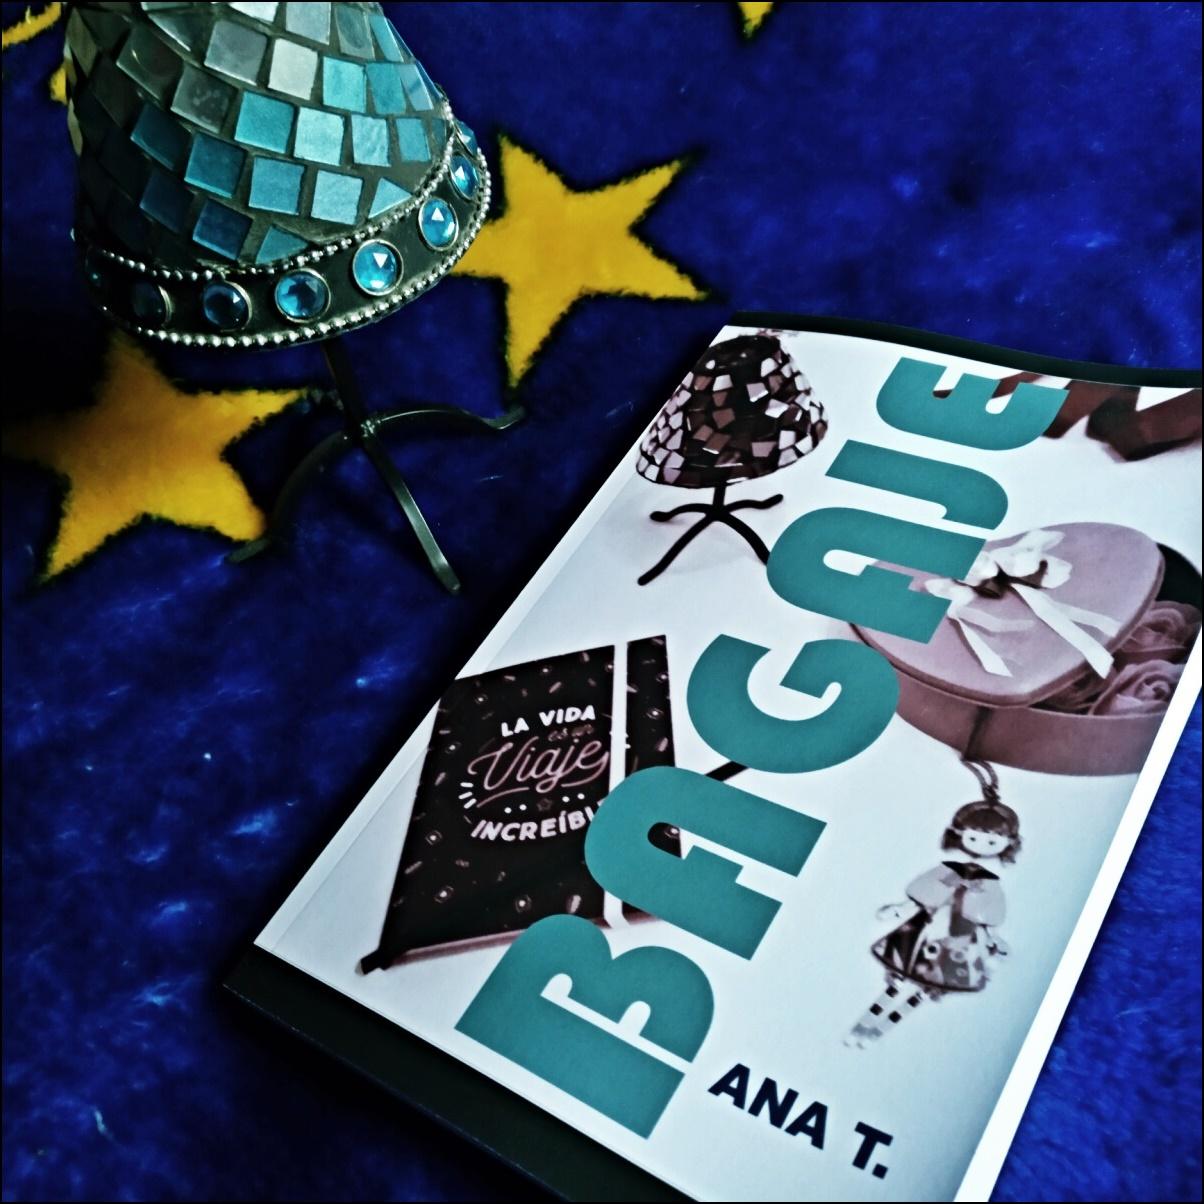 *Bagaje* By Ana T. (Introducción- Flora Rodriguez/ Presenta- Nino Ortea)